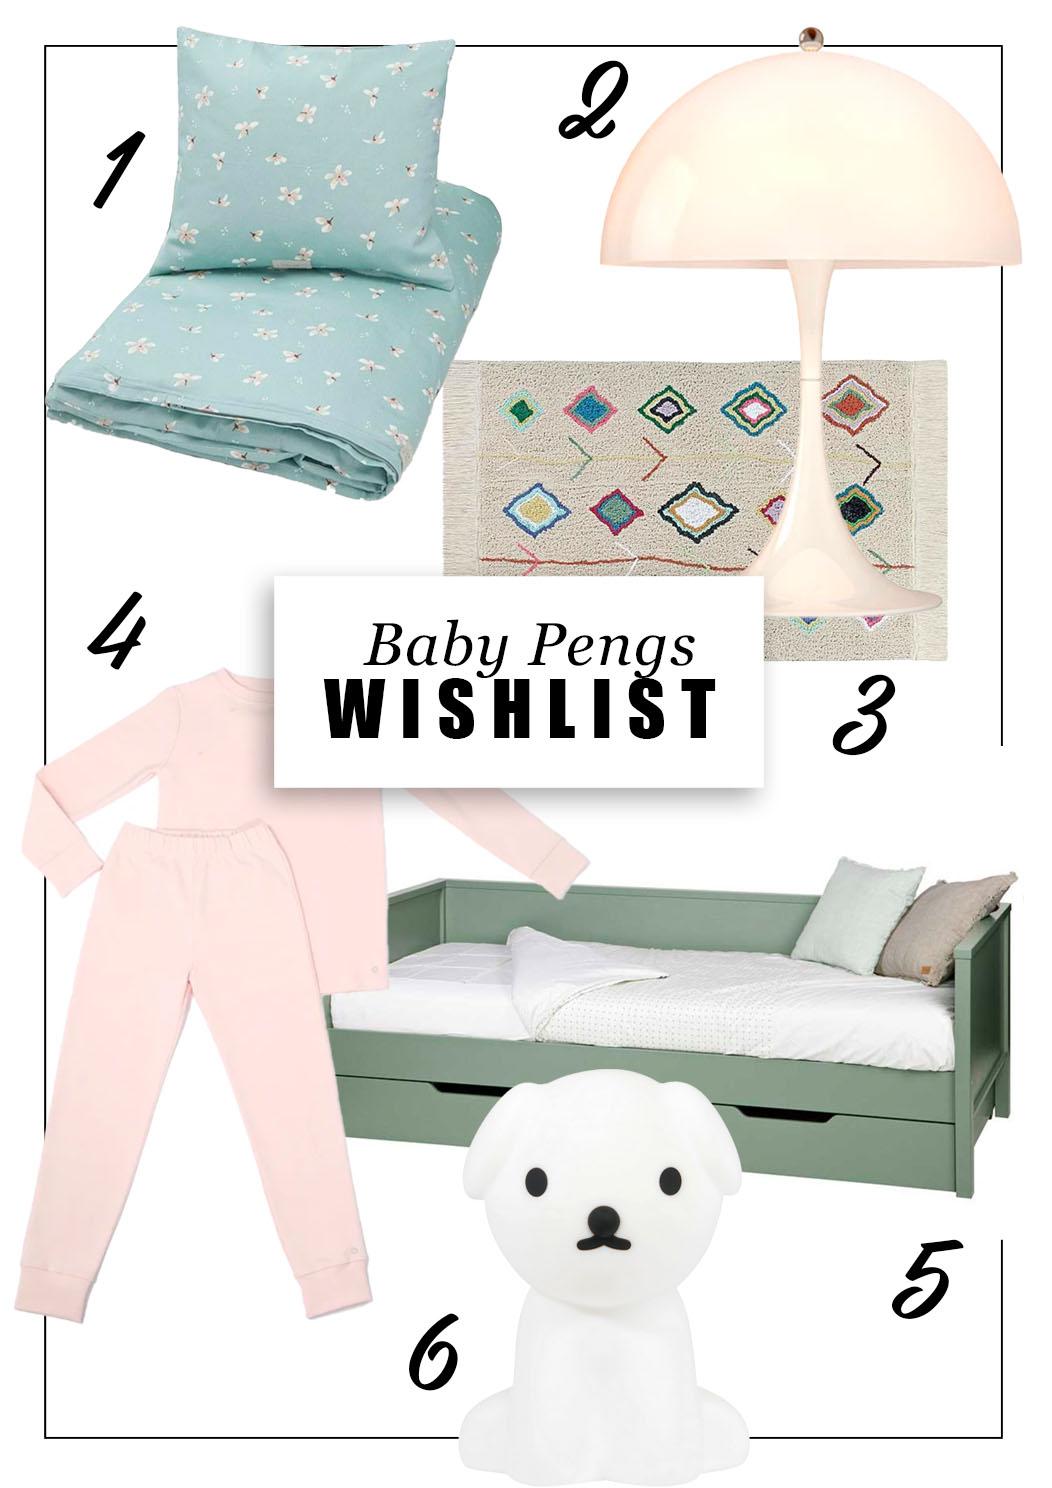 Kinderzimmerträume: Kojenbett und Nachtlicht für (m)ein großes Mädchen